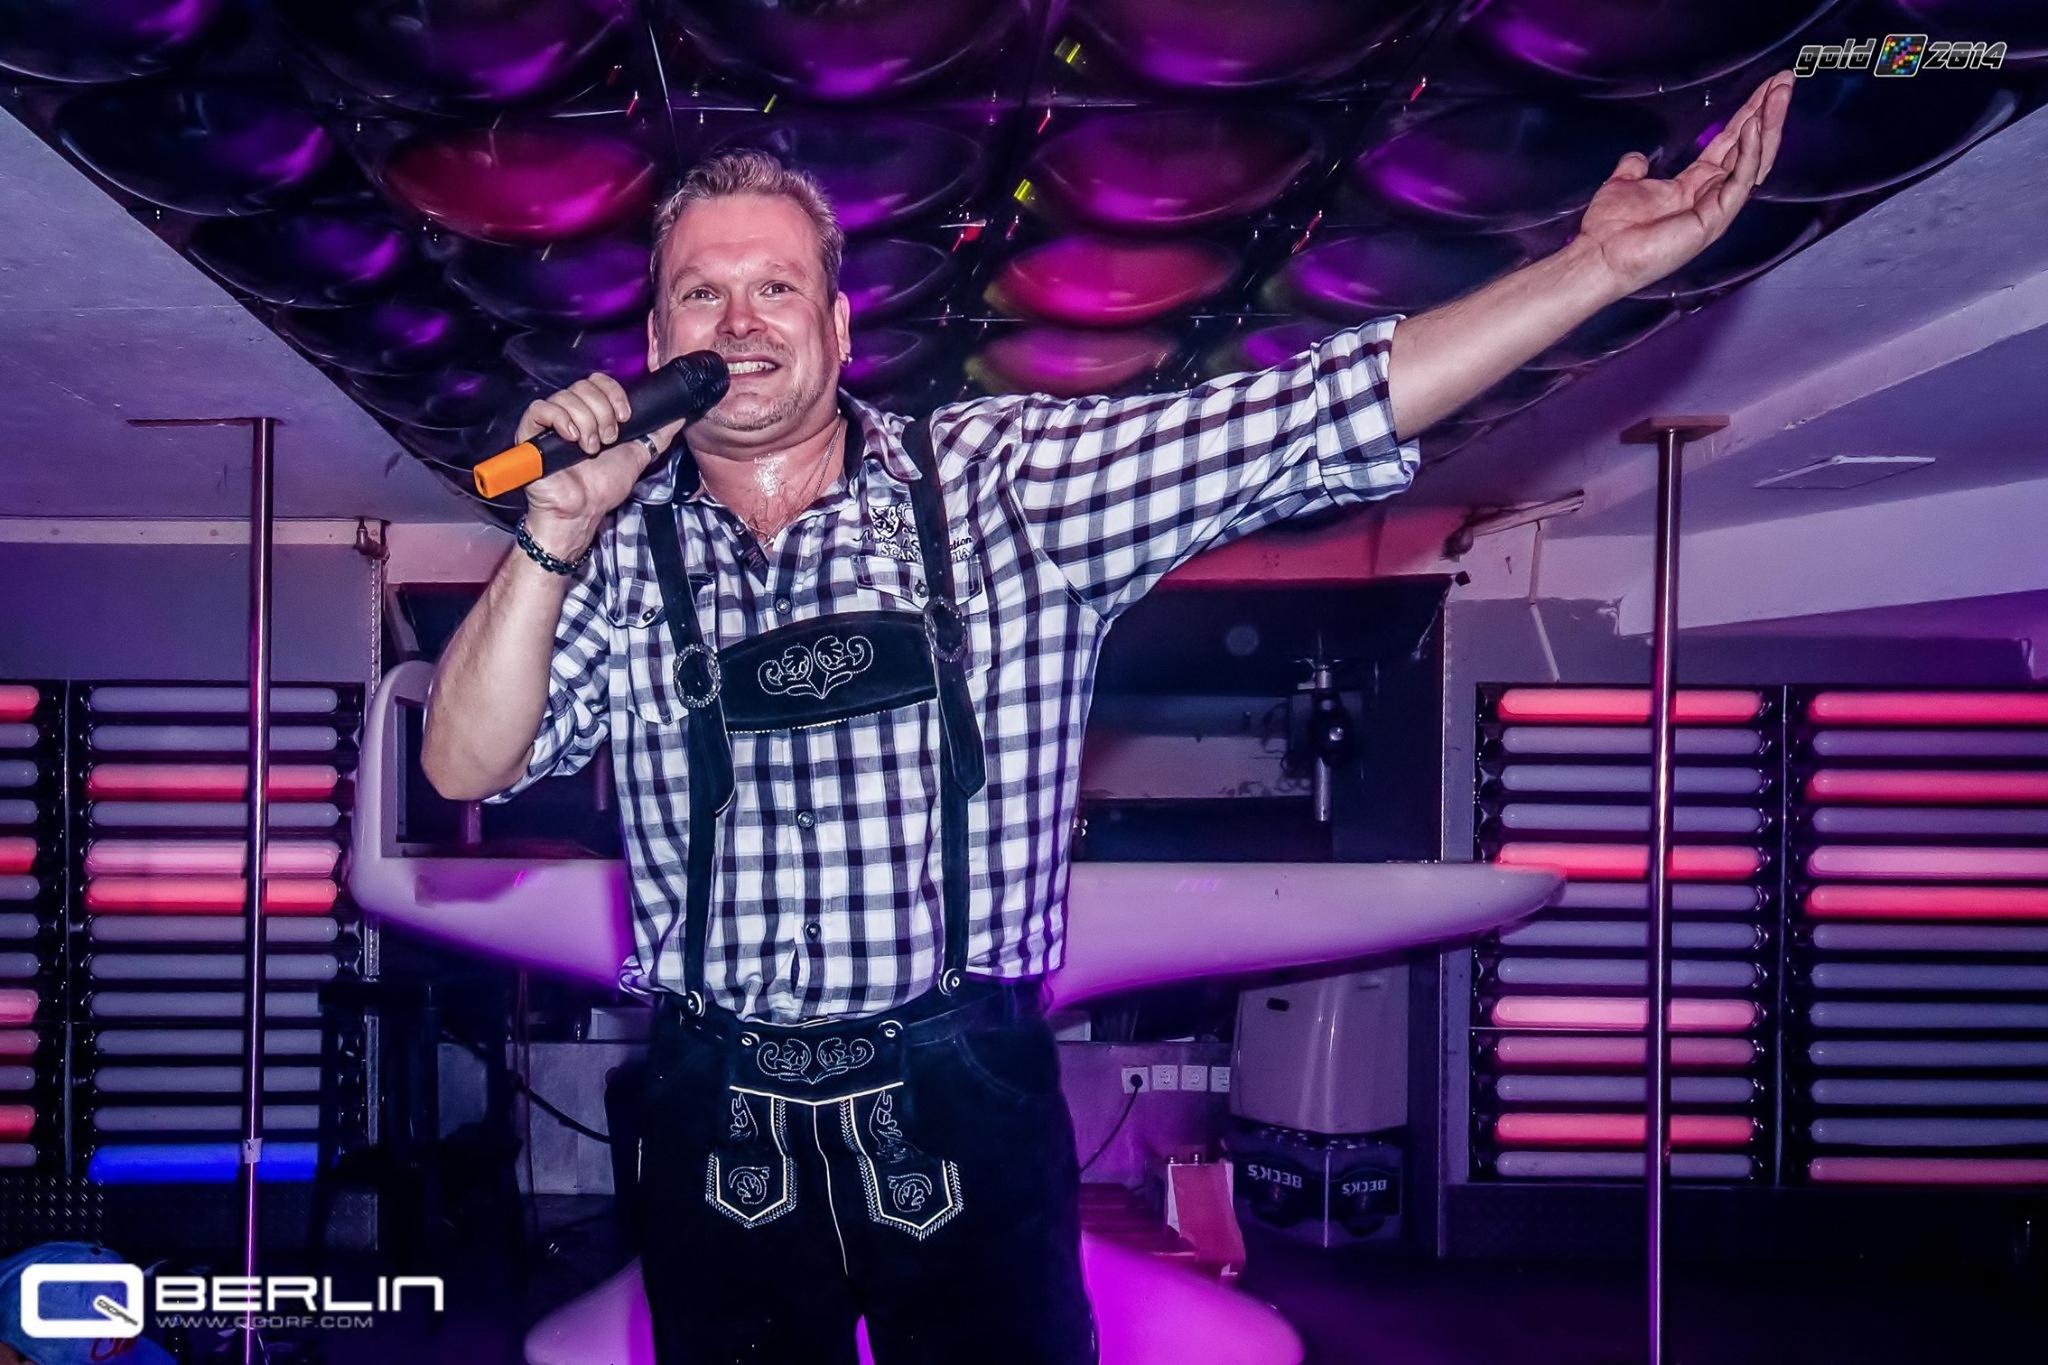 Dean Lorenz, Dean, Lorenz, Der Partybär, Partybär, Sänger, DJ, Musiker, Musik